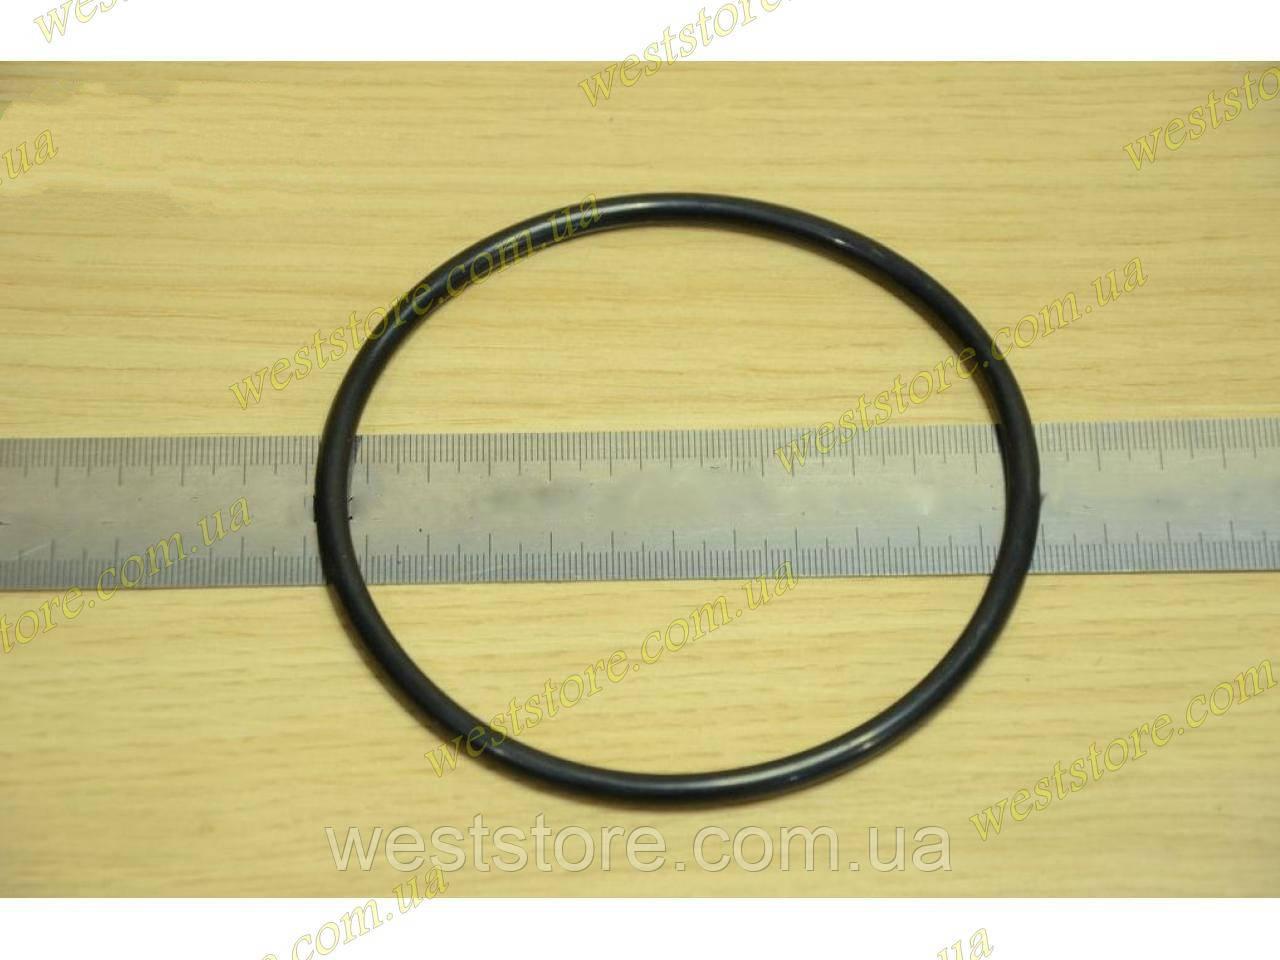 Прокладка кольцо уплотнительное топливного насоса Ланос Lanos 1.5  Авео Лачетти корея 96183170